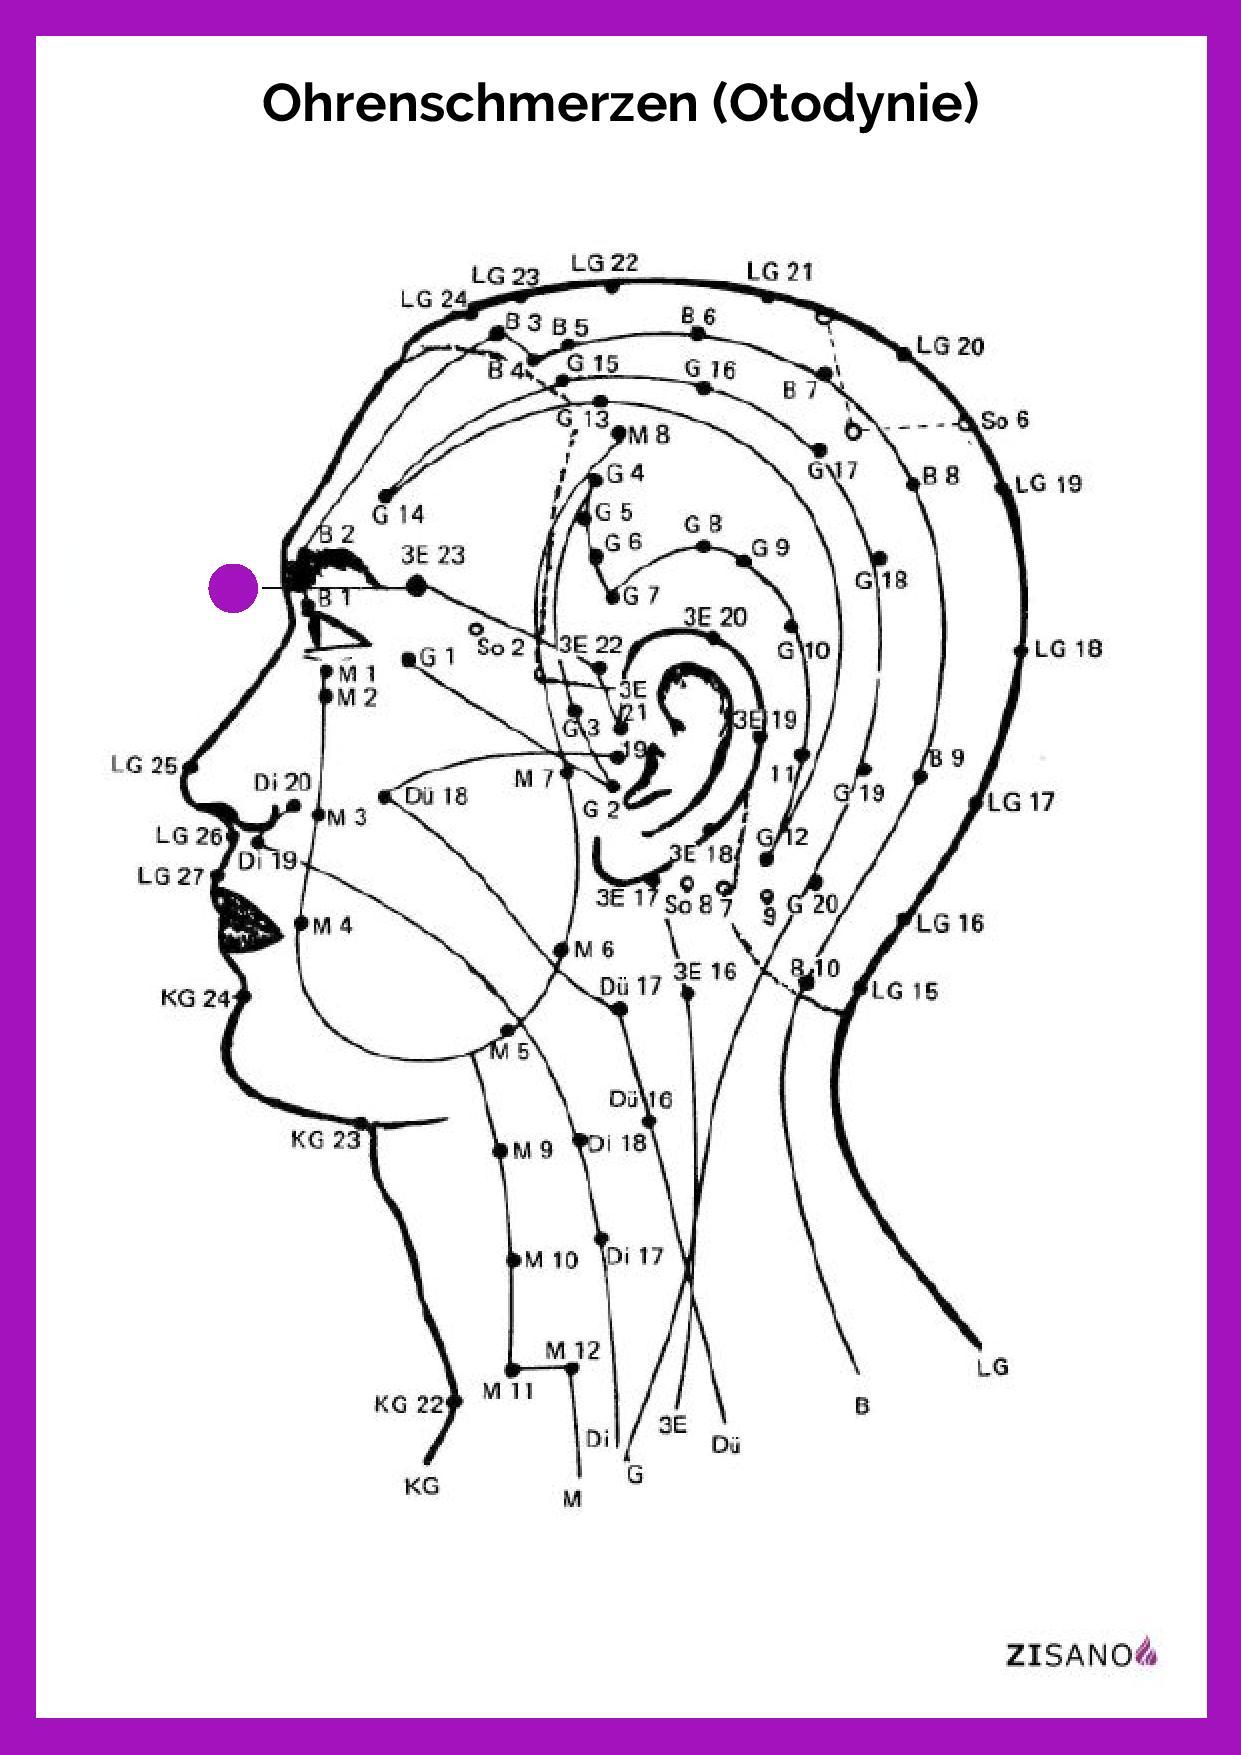 Ohrenschmerzen Otodynie Beschwerden Schmerzlinderung Beschwerden